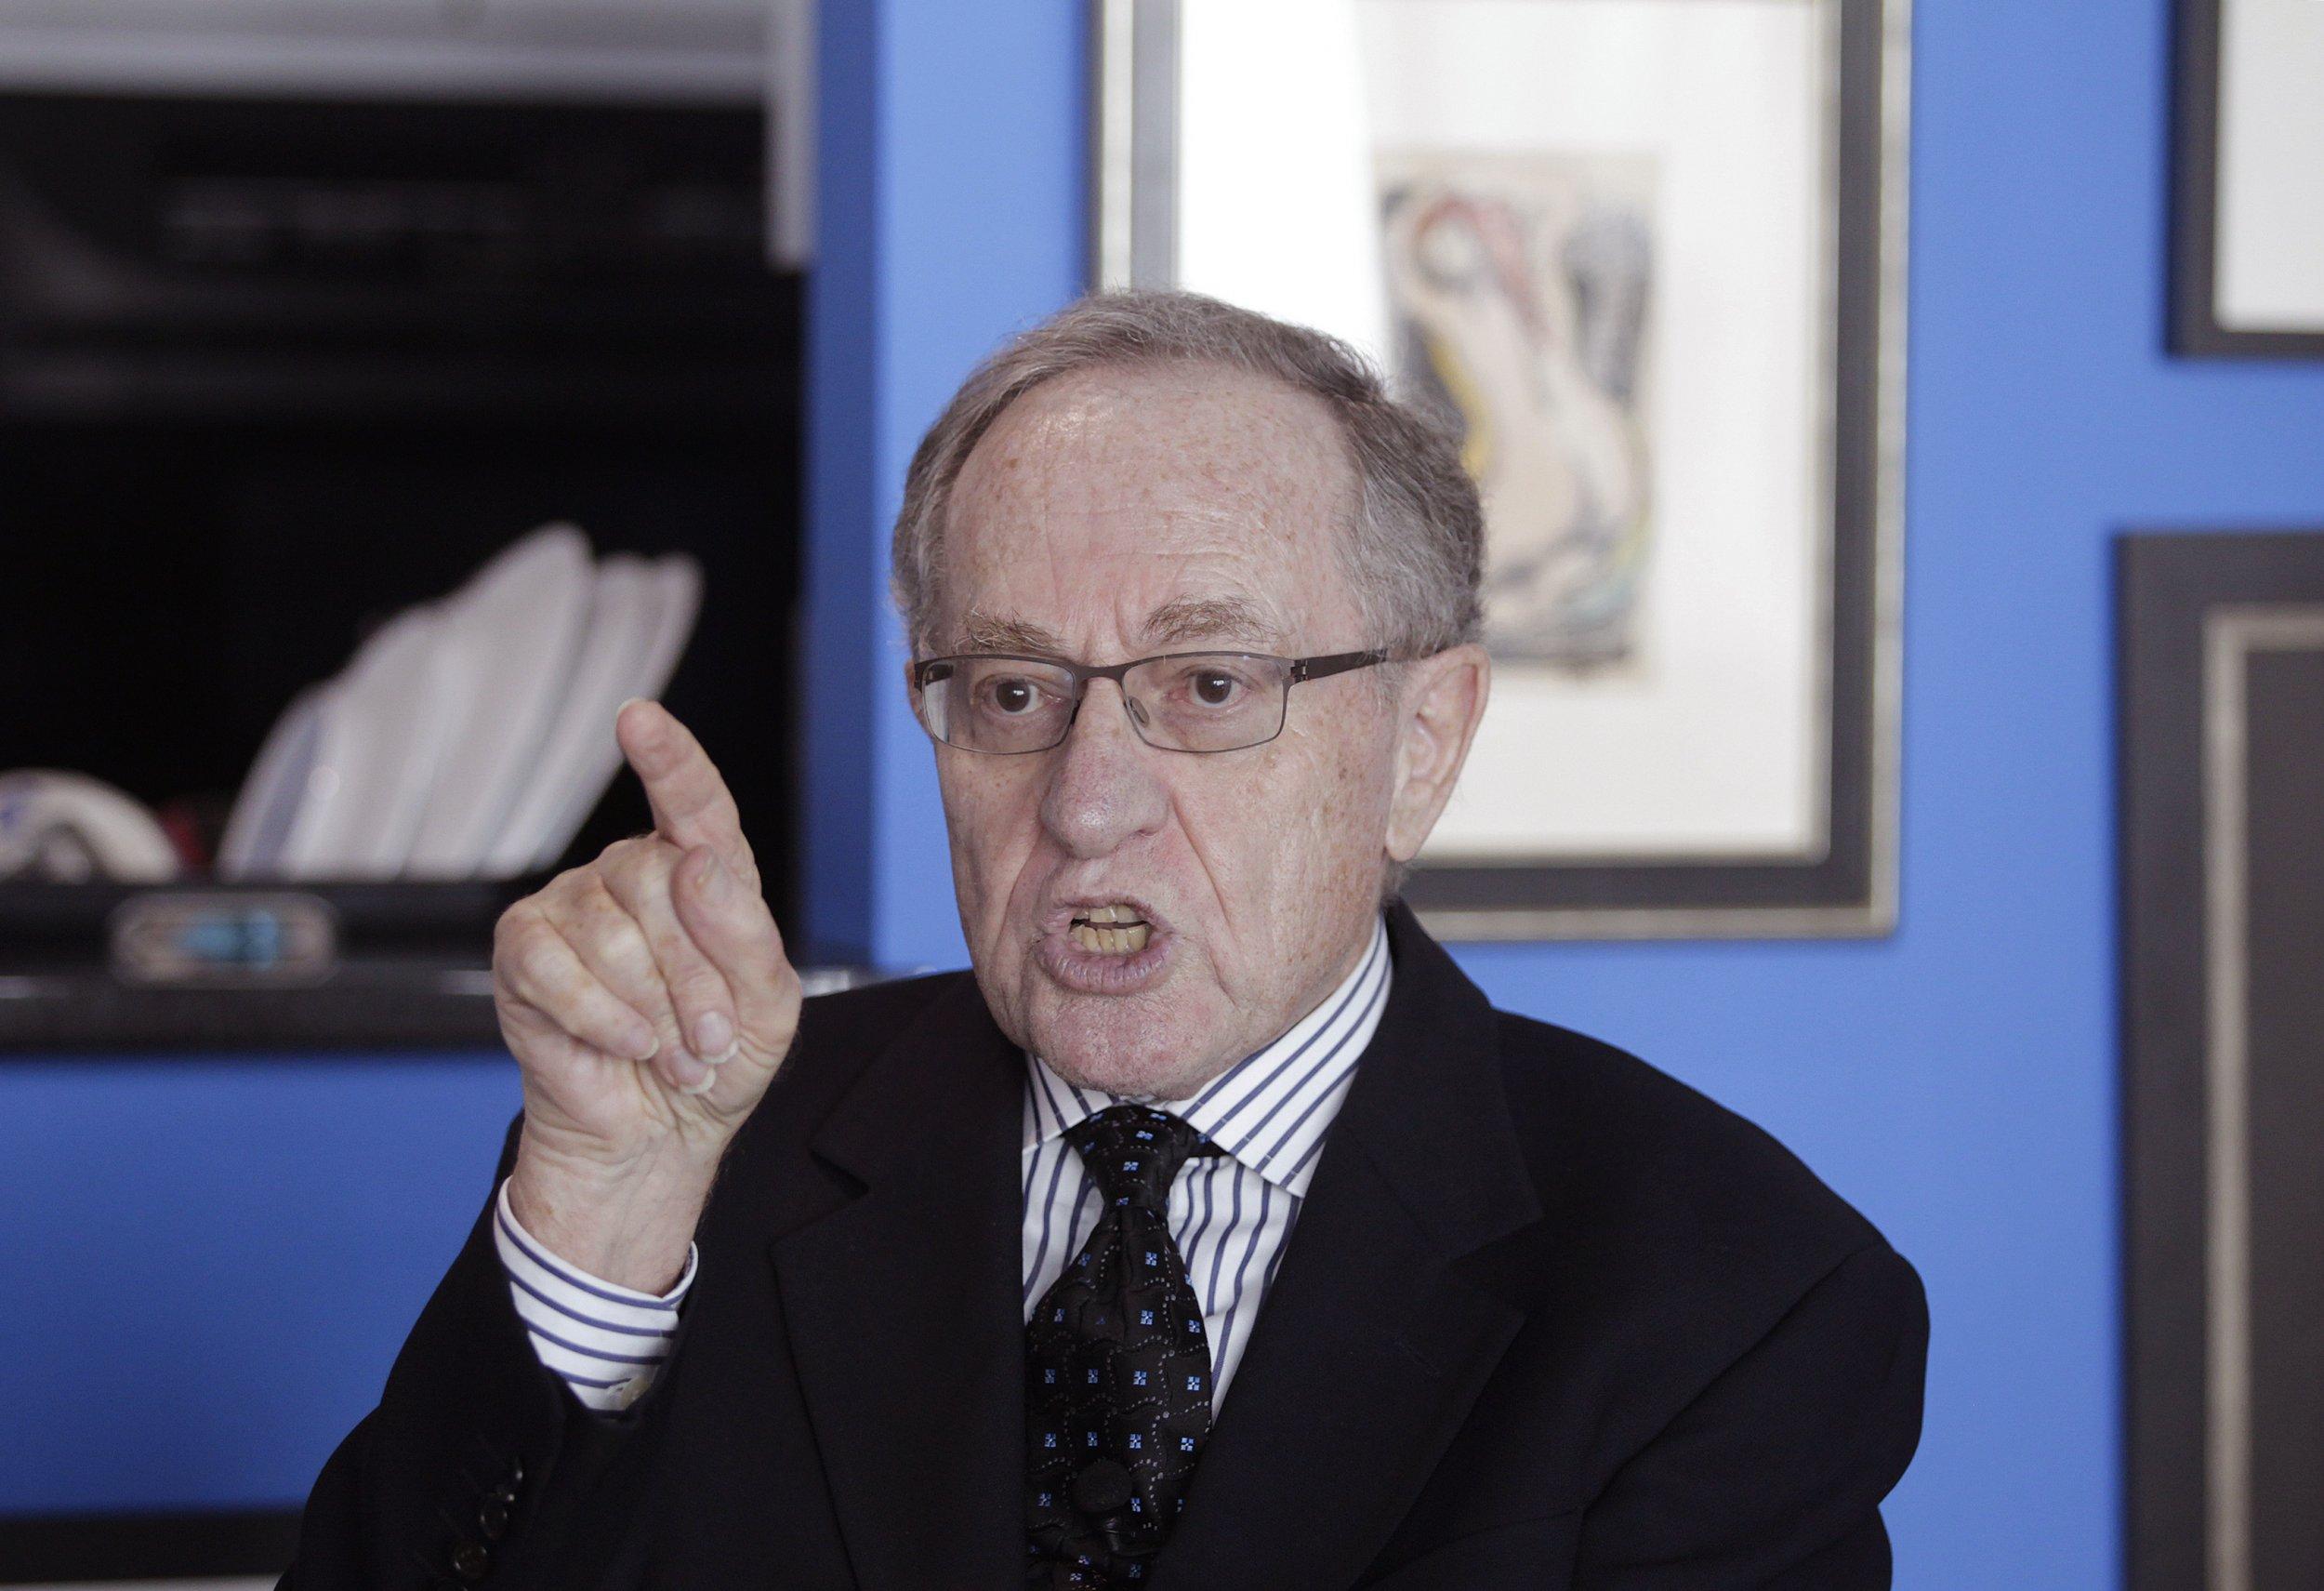 Alan Dershowitz denies sex claims